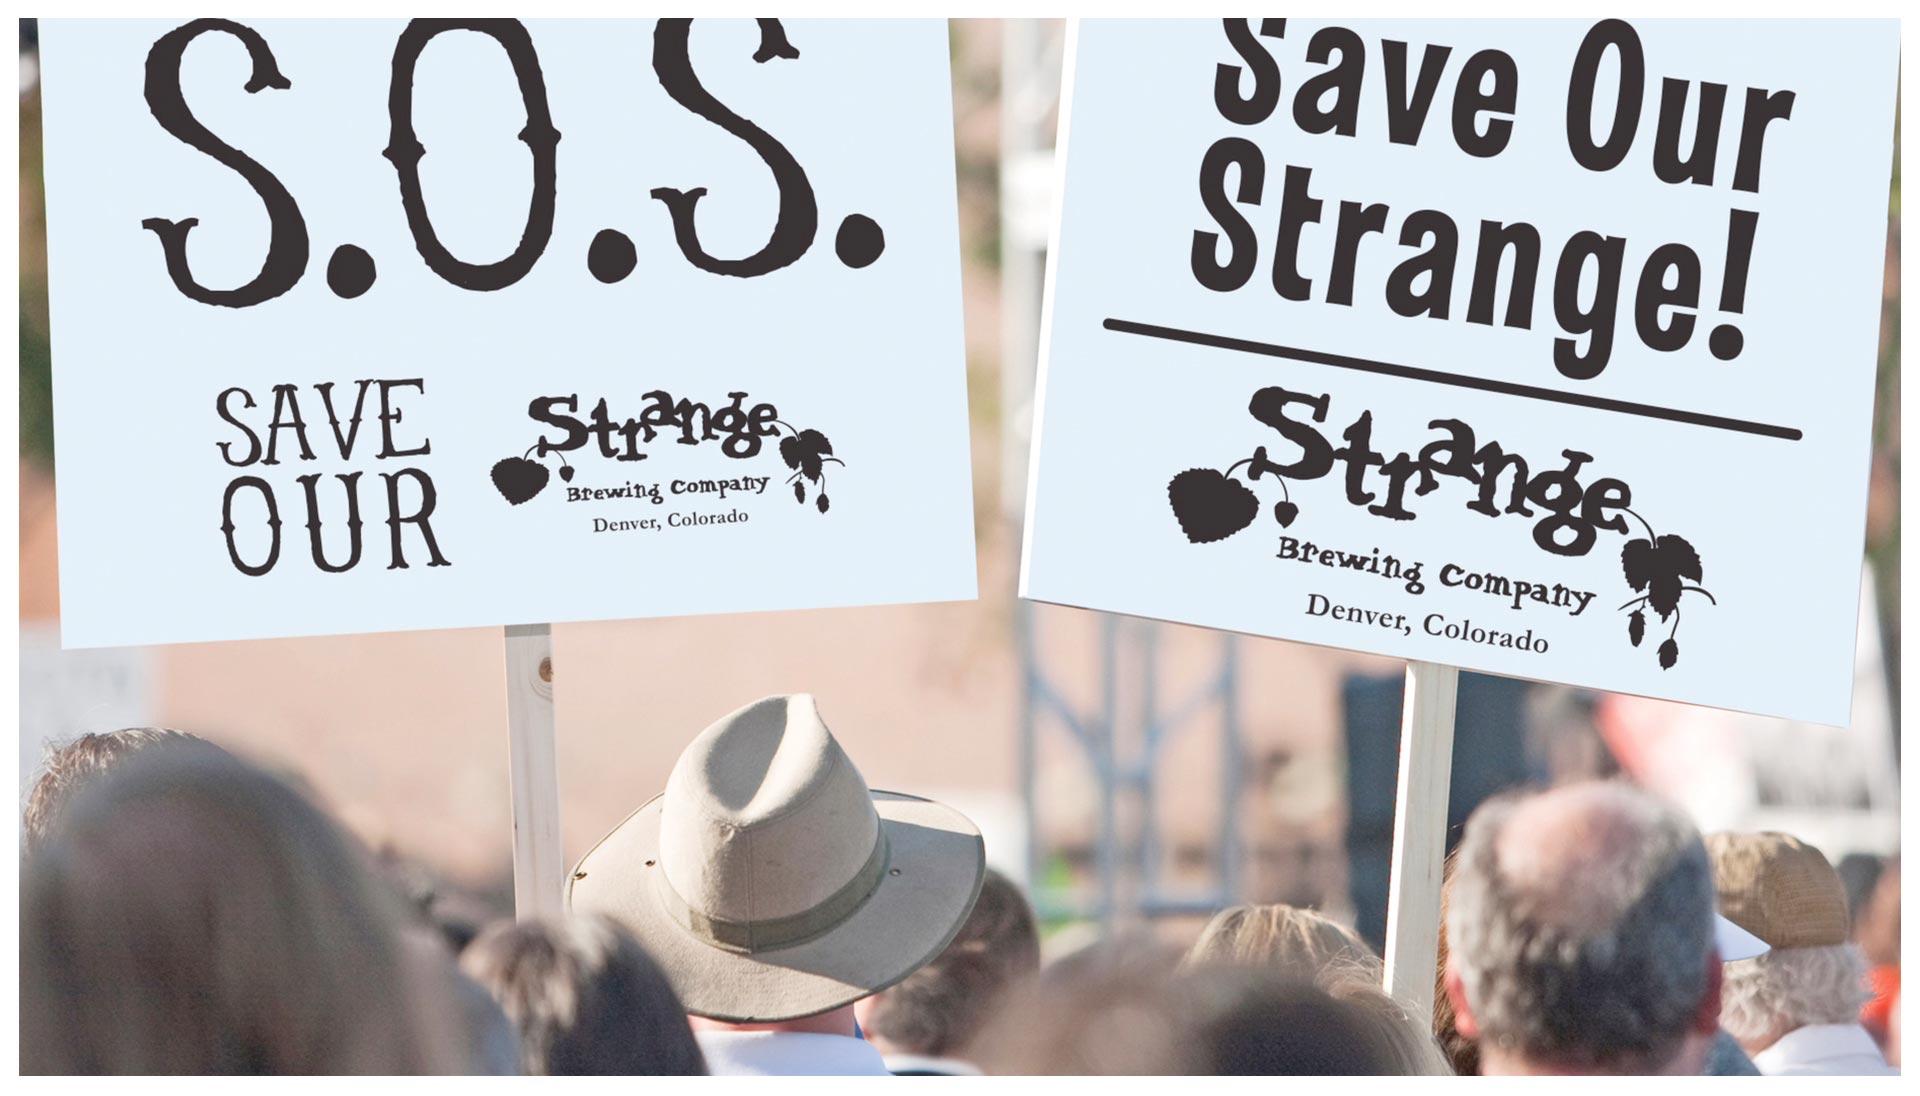 Save Our Strange Beer Festival